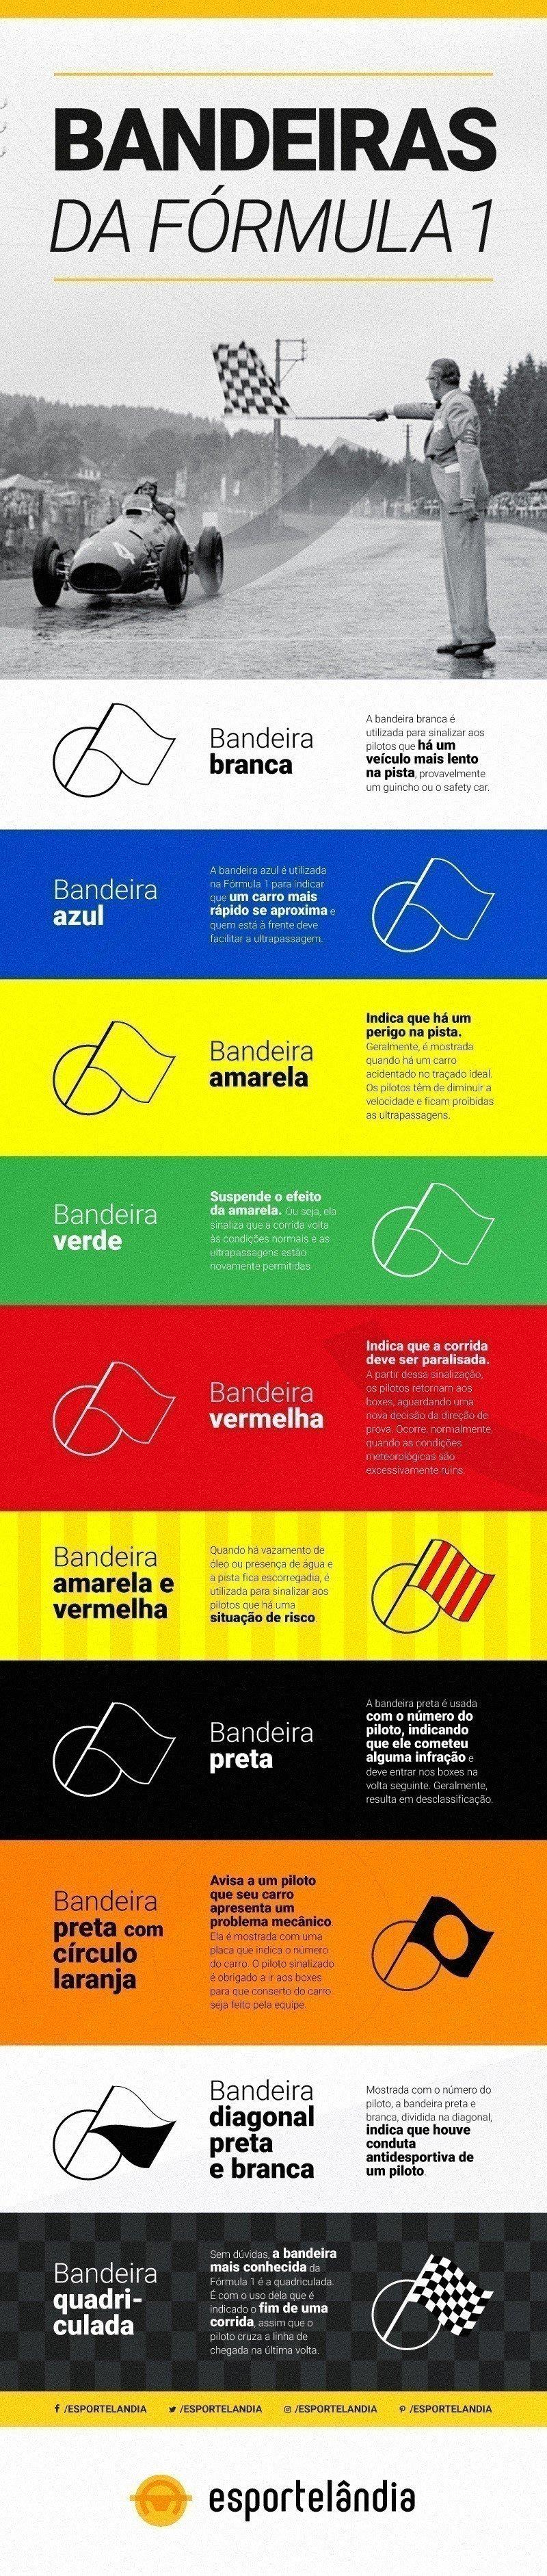 Entenda as bandeiras da Fórmula 1